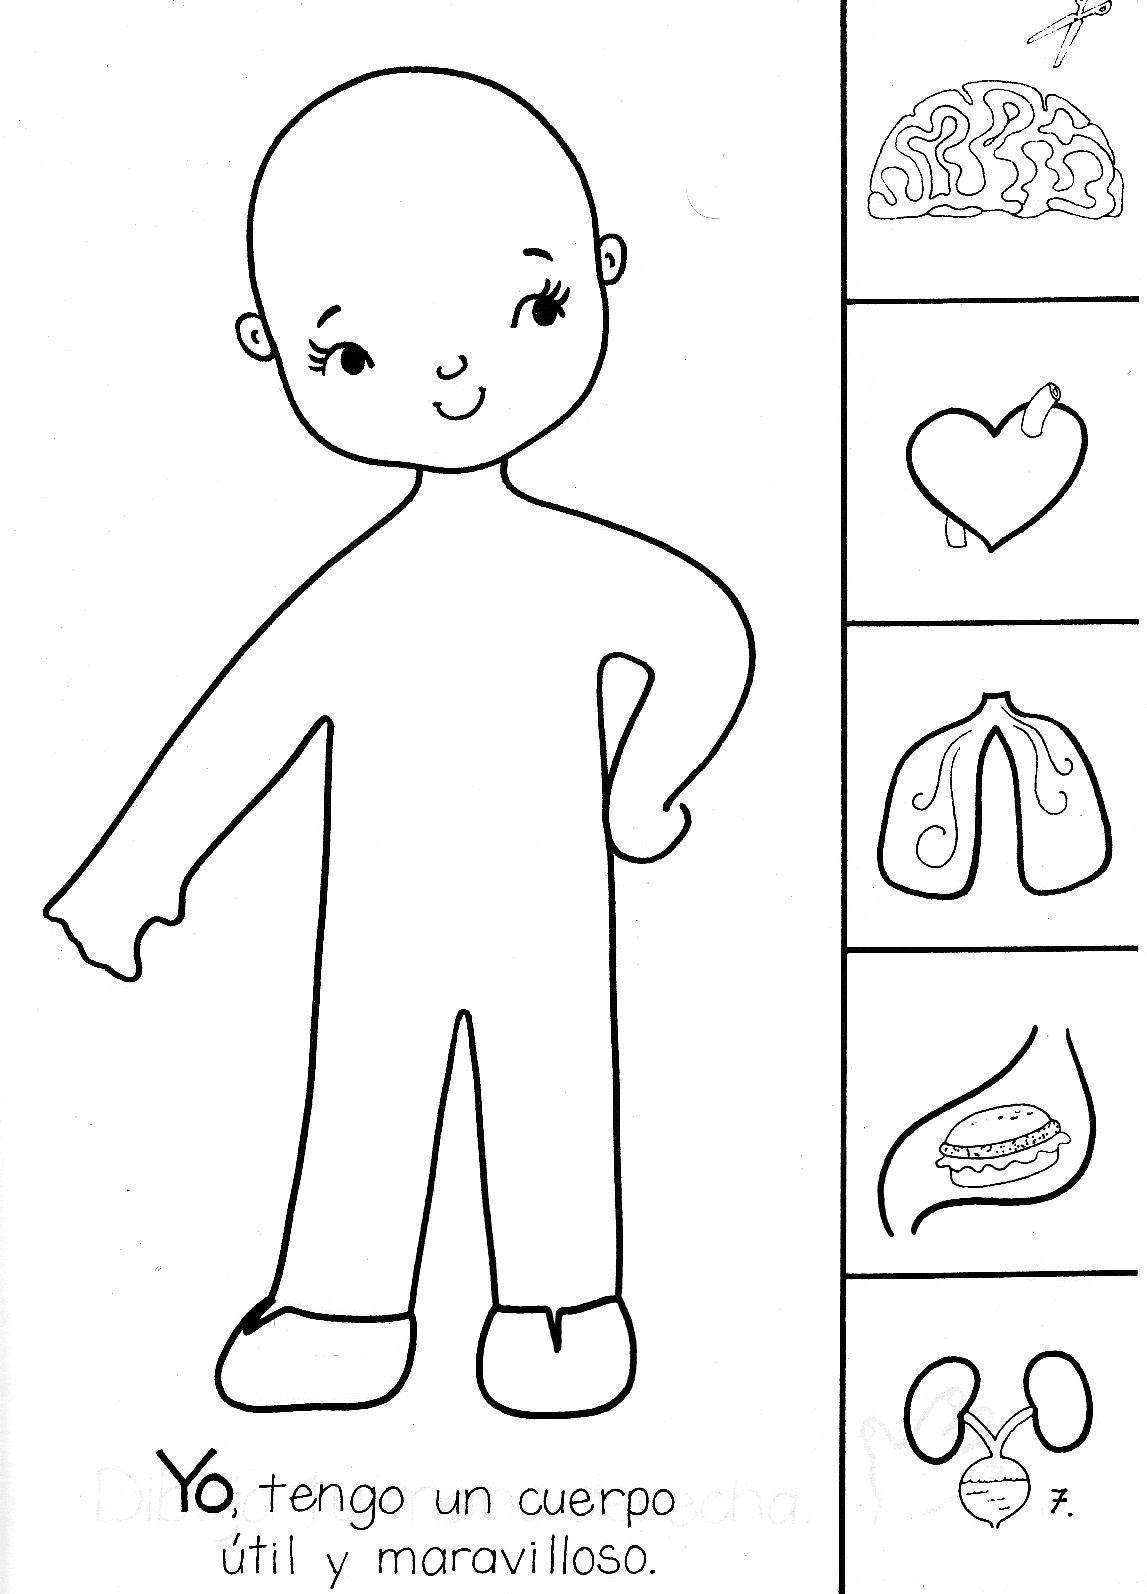 actividades para preescolar el cuerpo humano - Buscar con Google ...